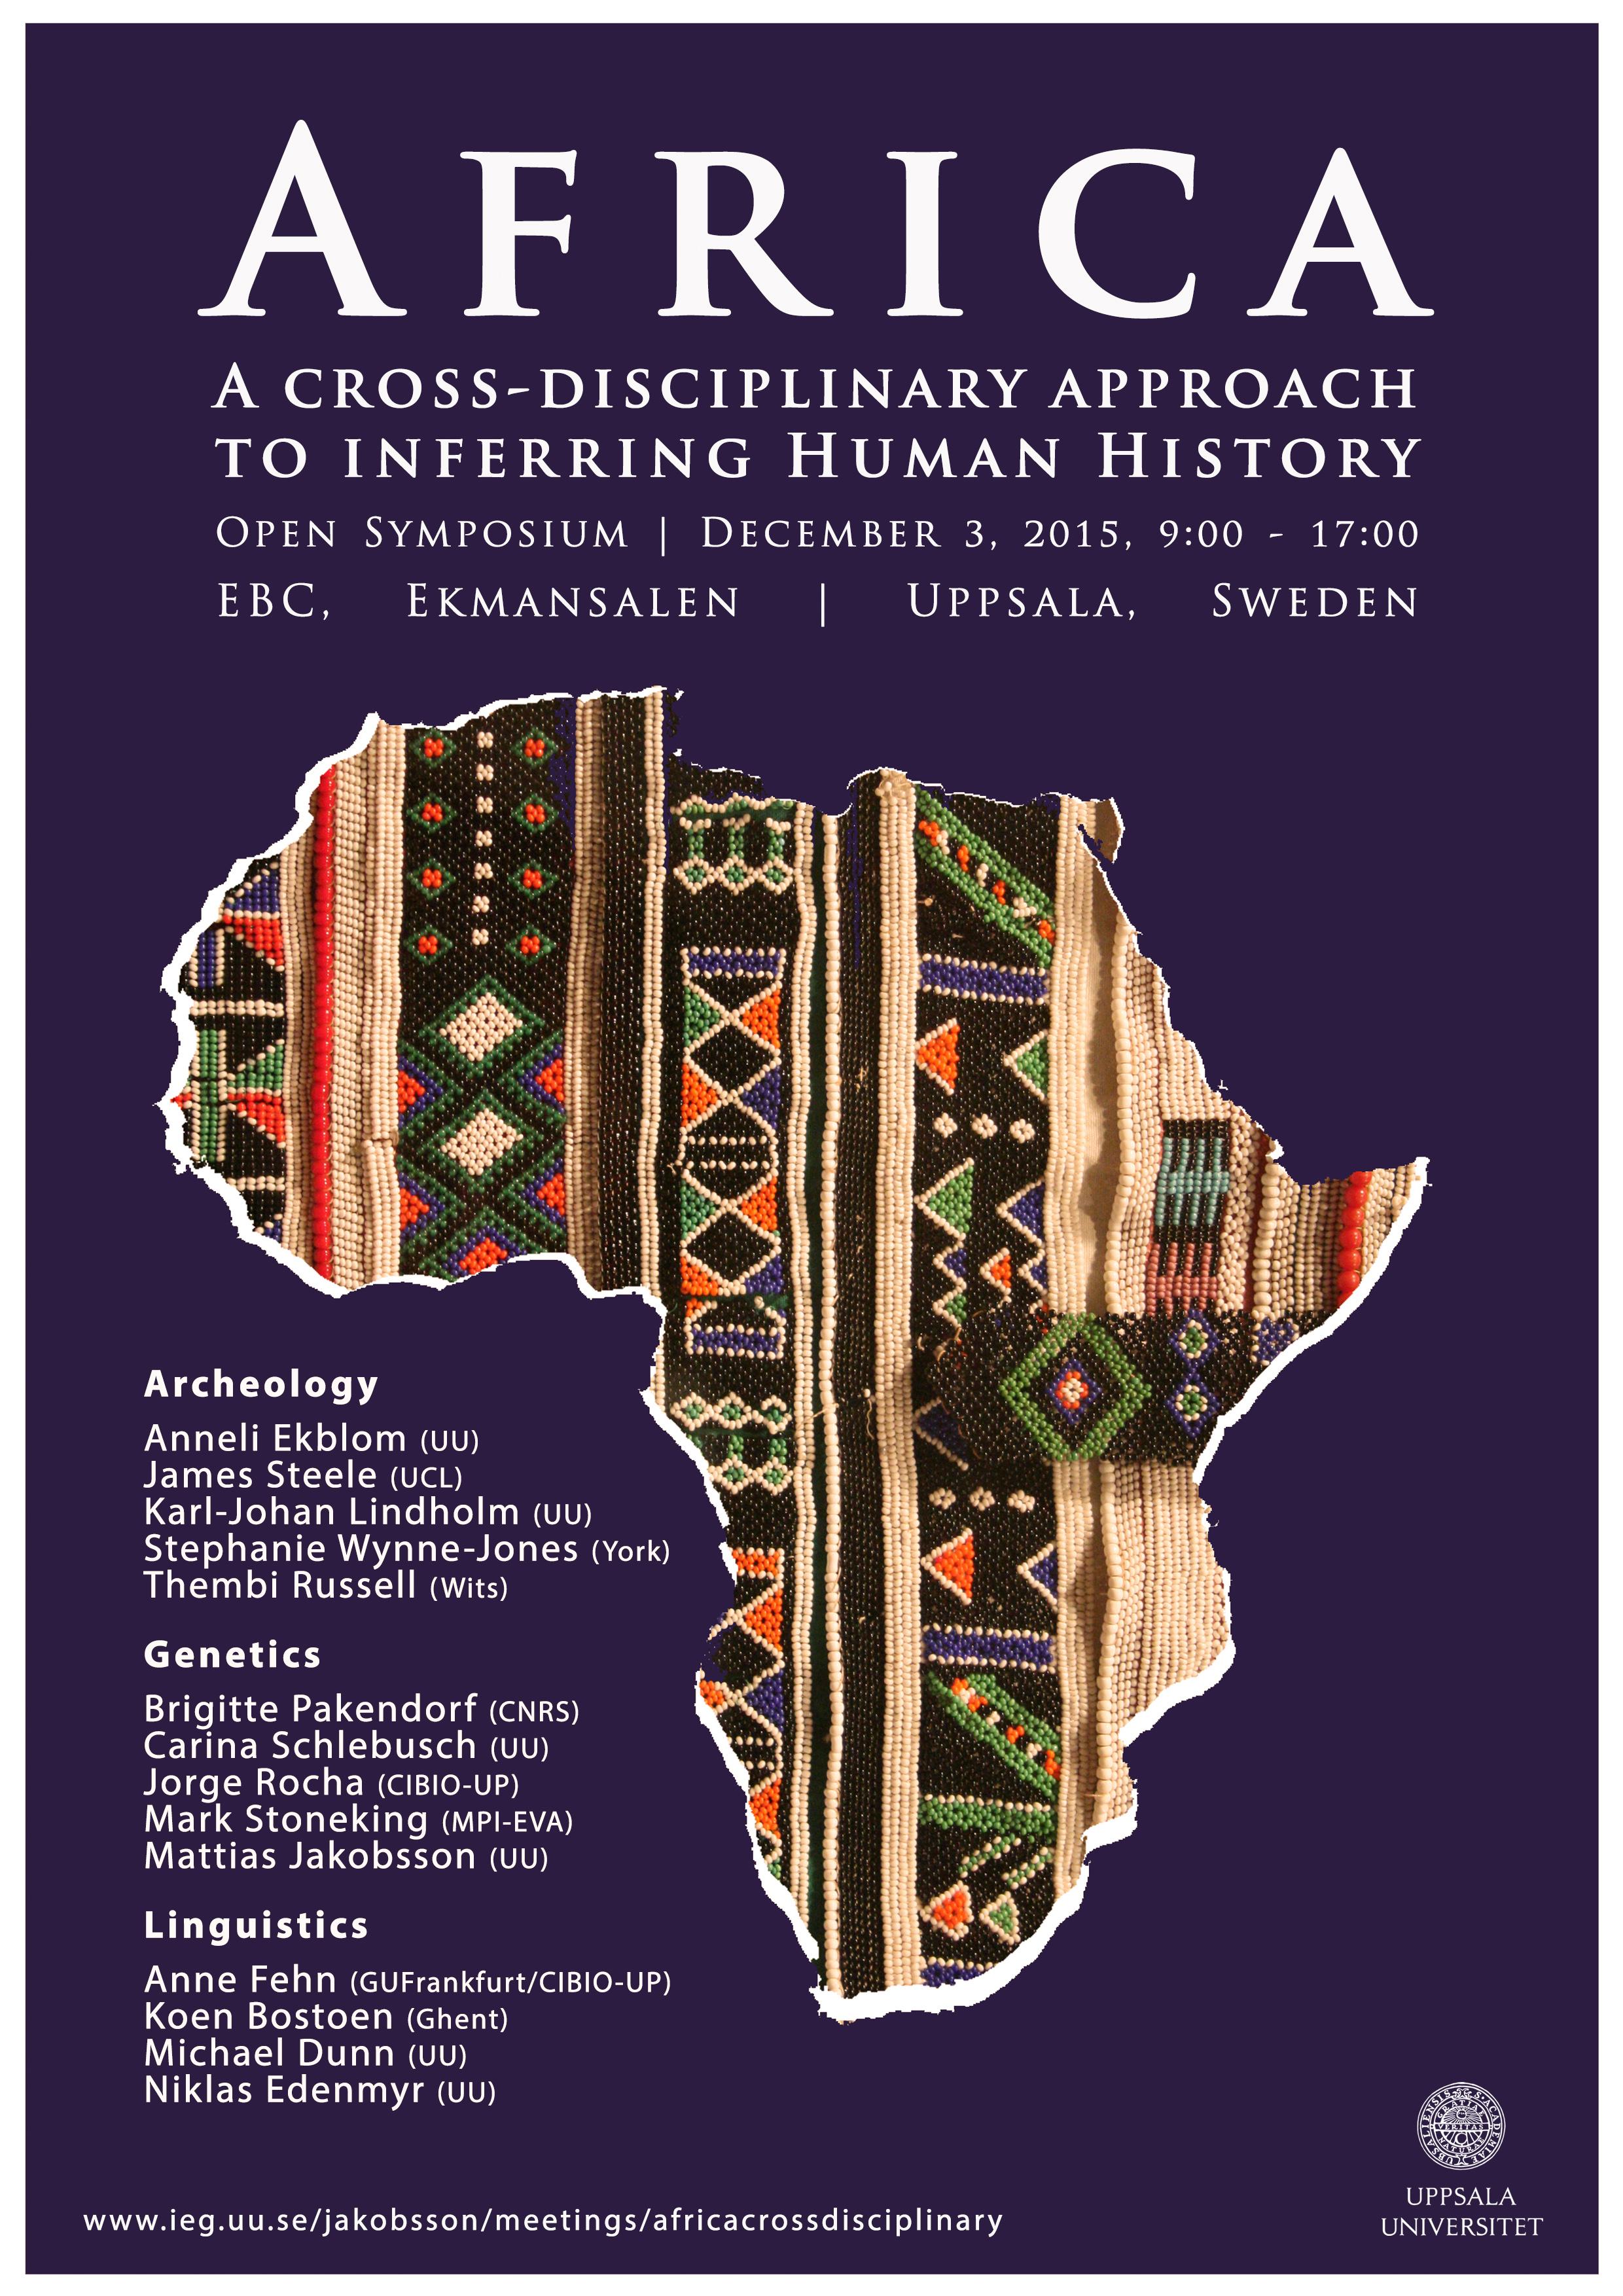 AfricaProgram